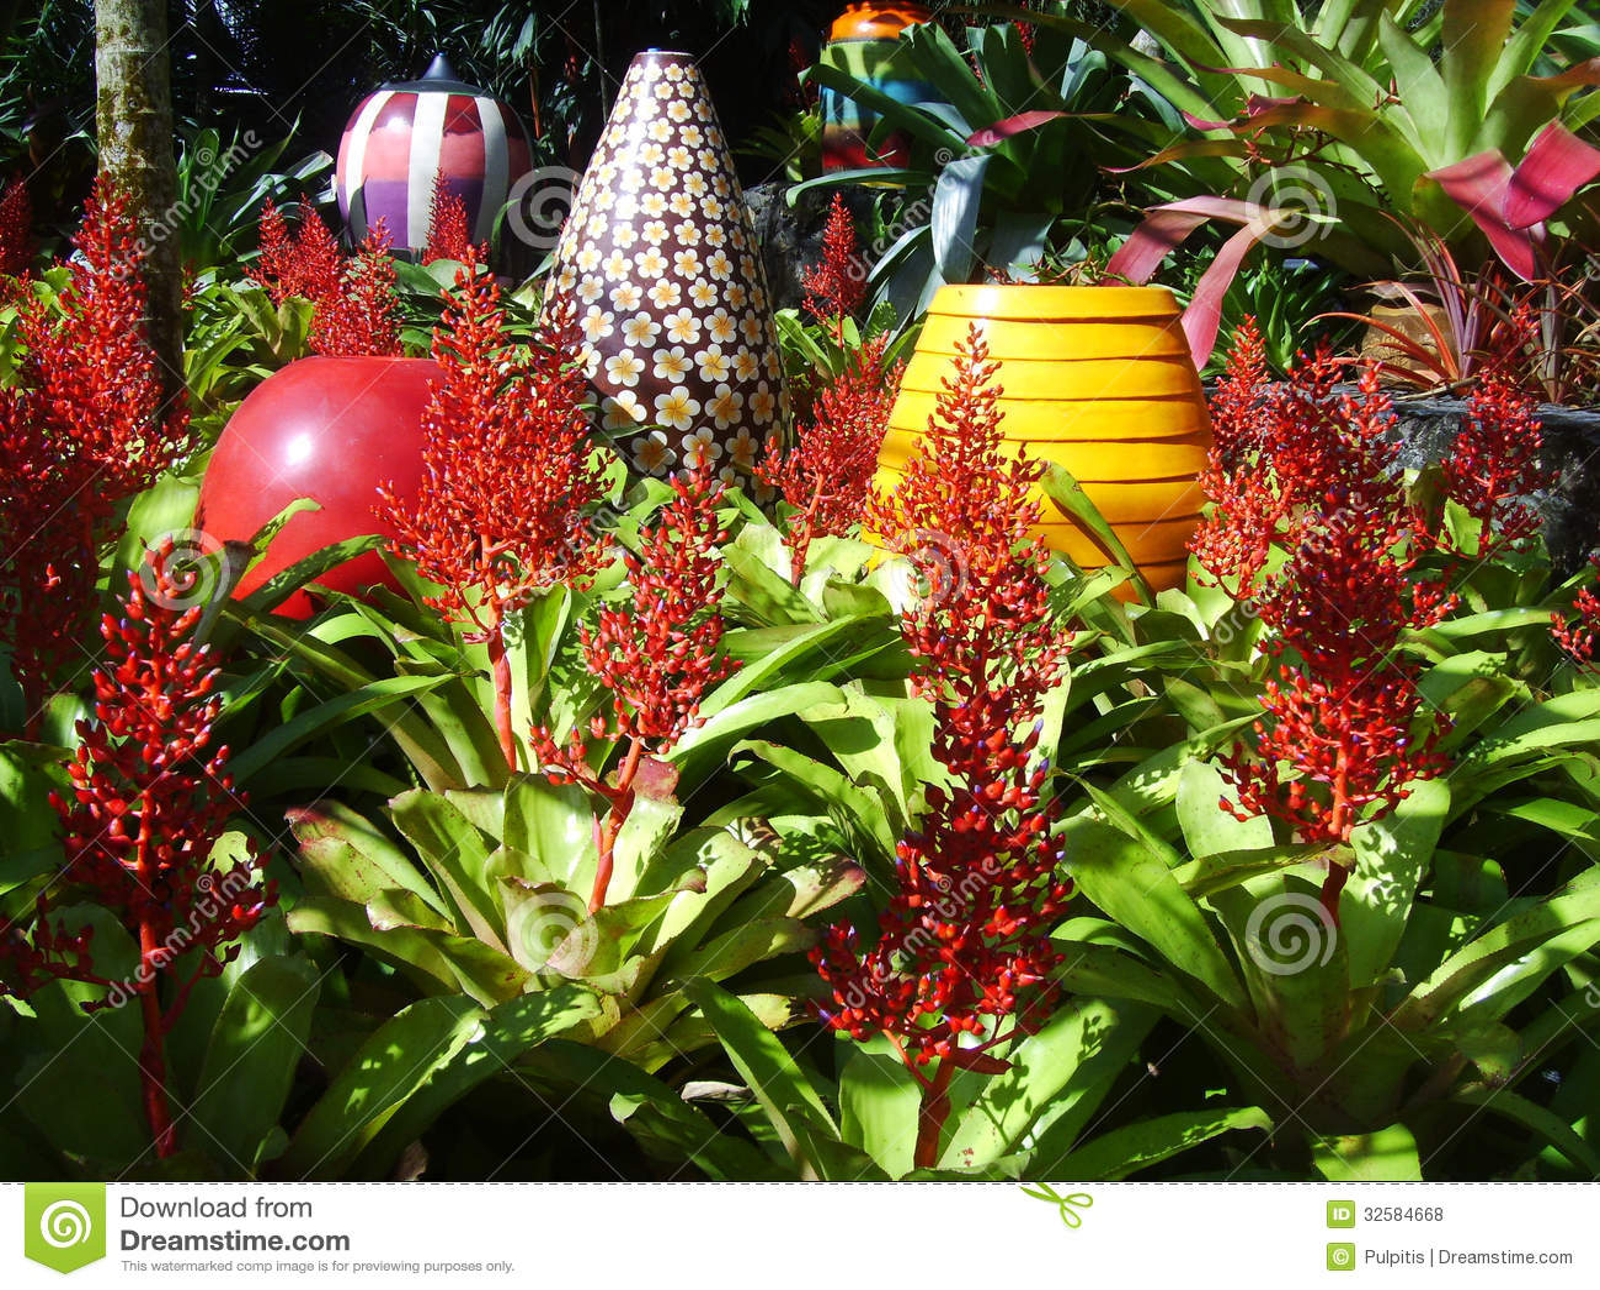 fotos de jardim florido : fotos de jardim florido:Vaso Florido Grande Para Decorar Um Jardim Da Bromeliácea Fotos de